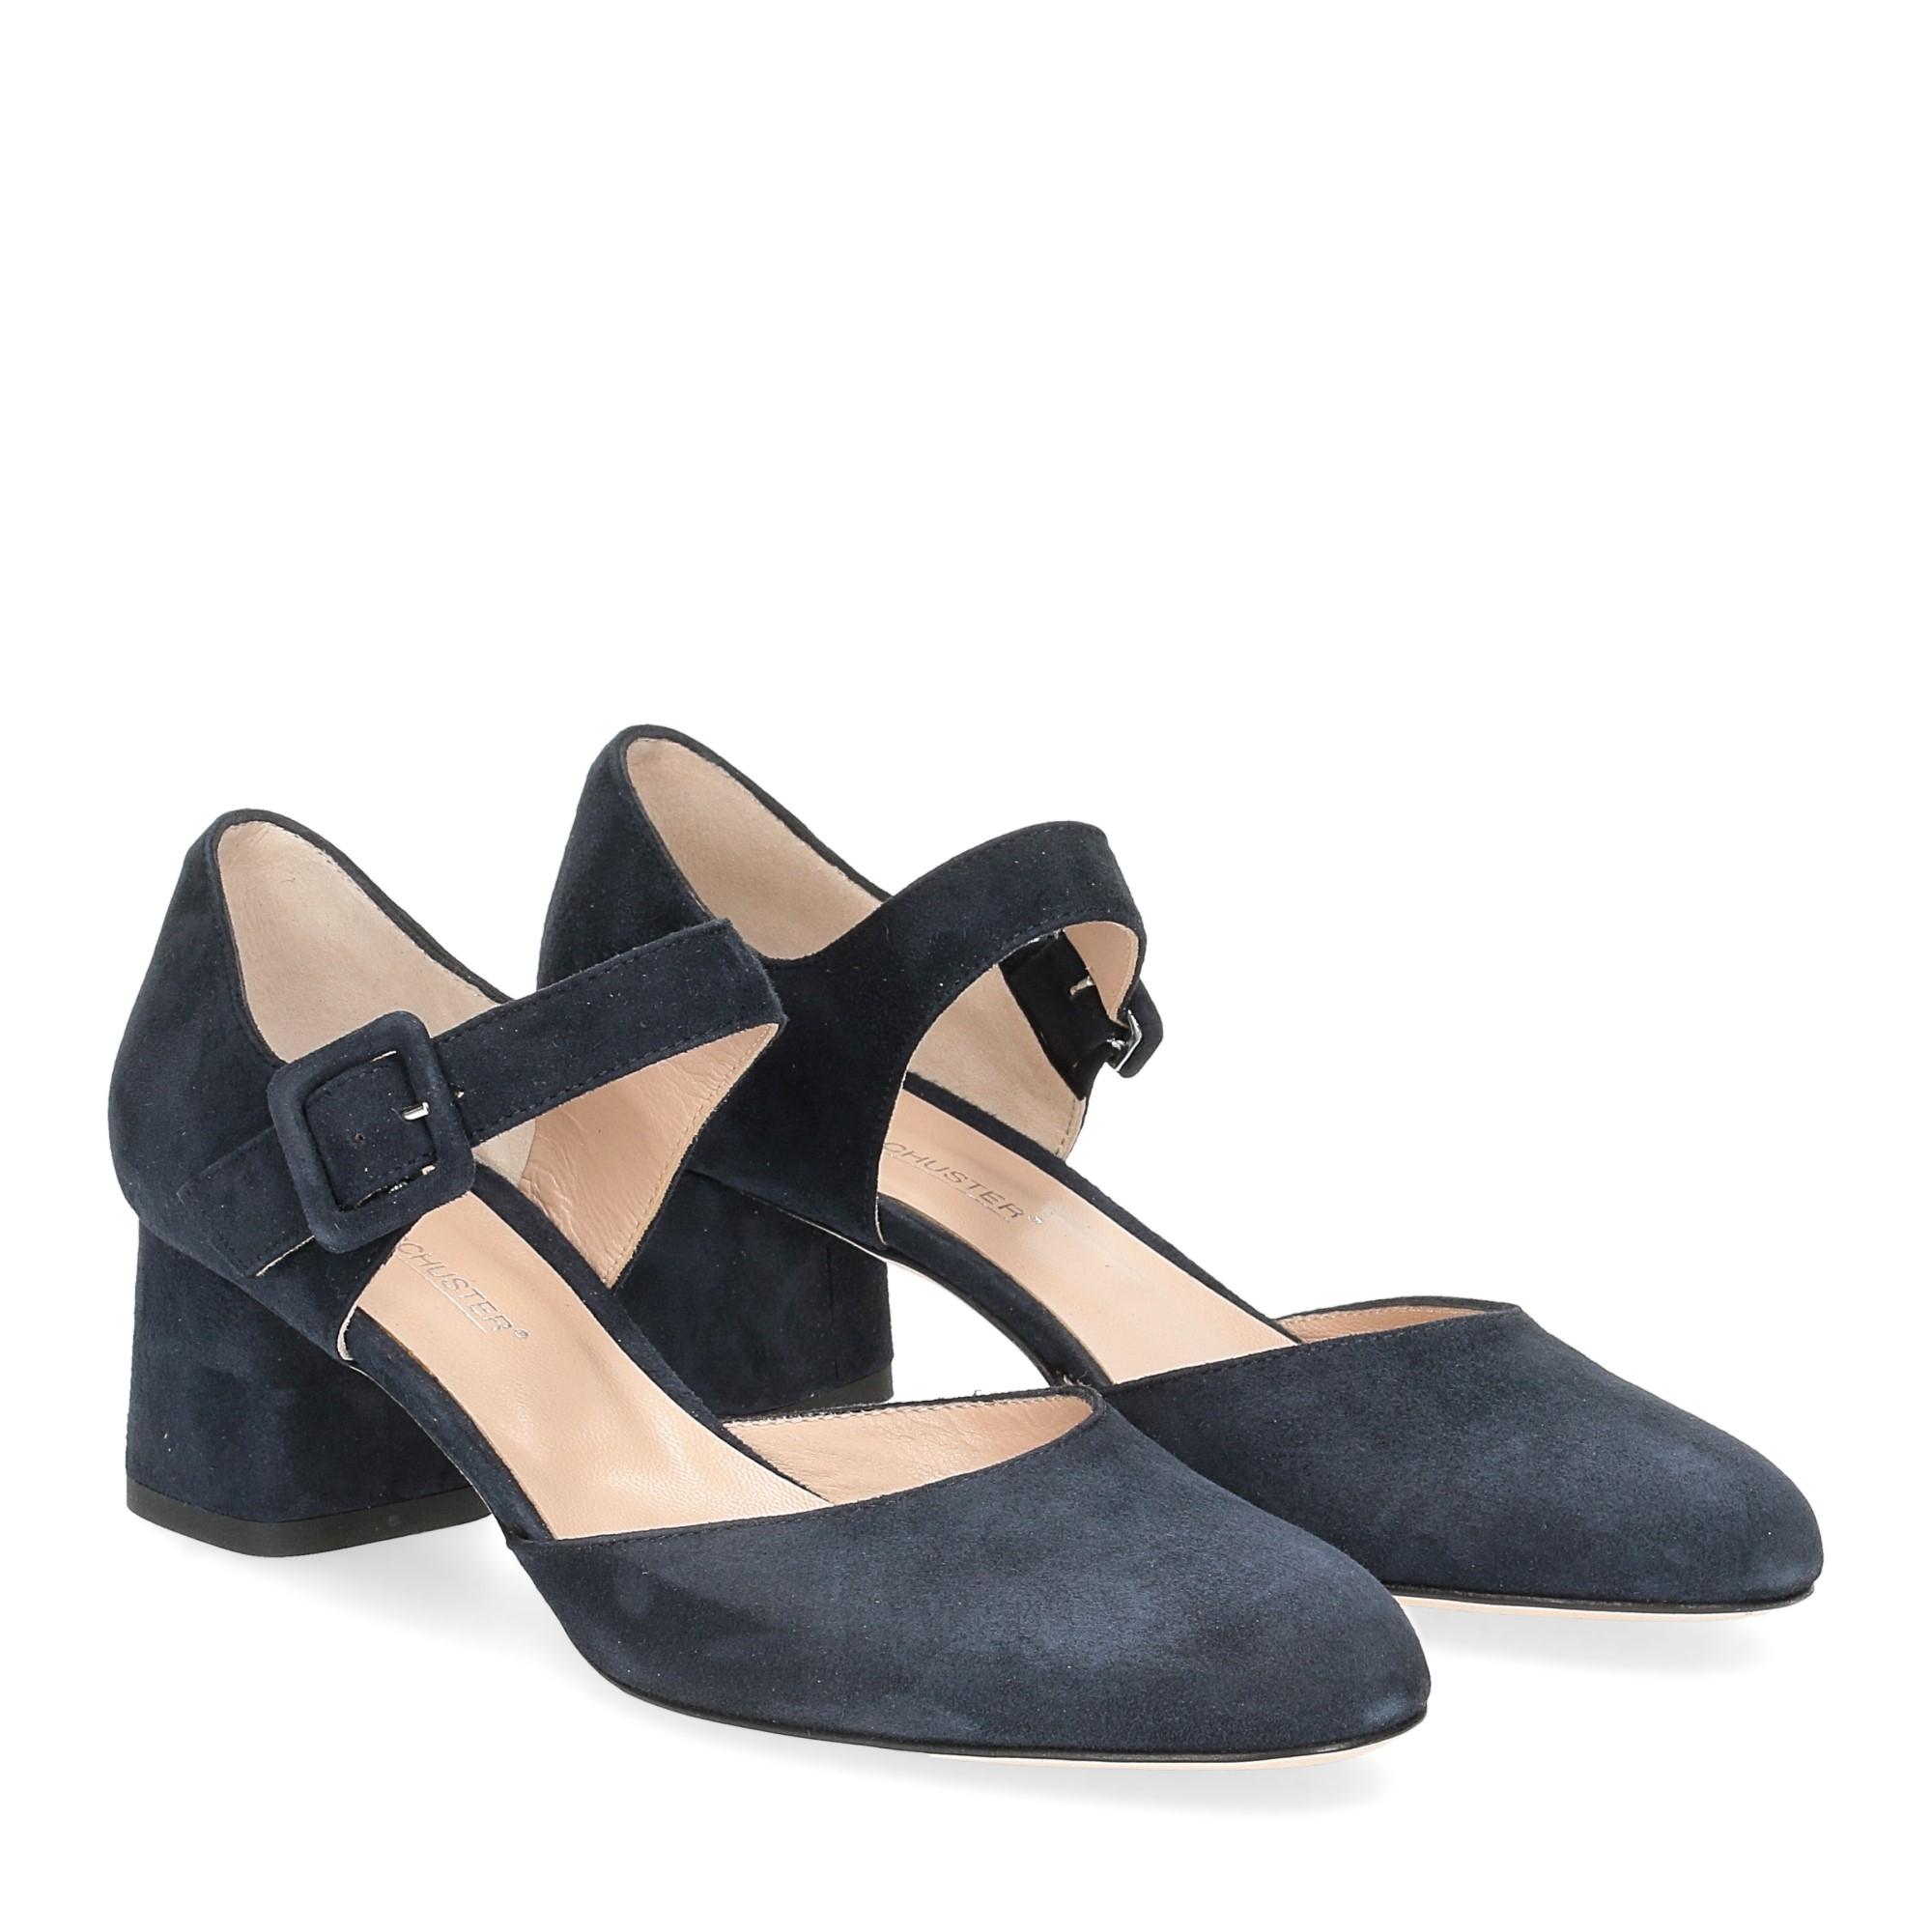 Andrea schuster sandaliera camoscio blu 5cm